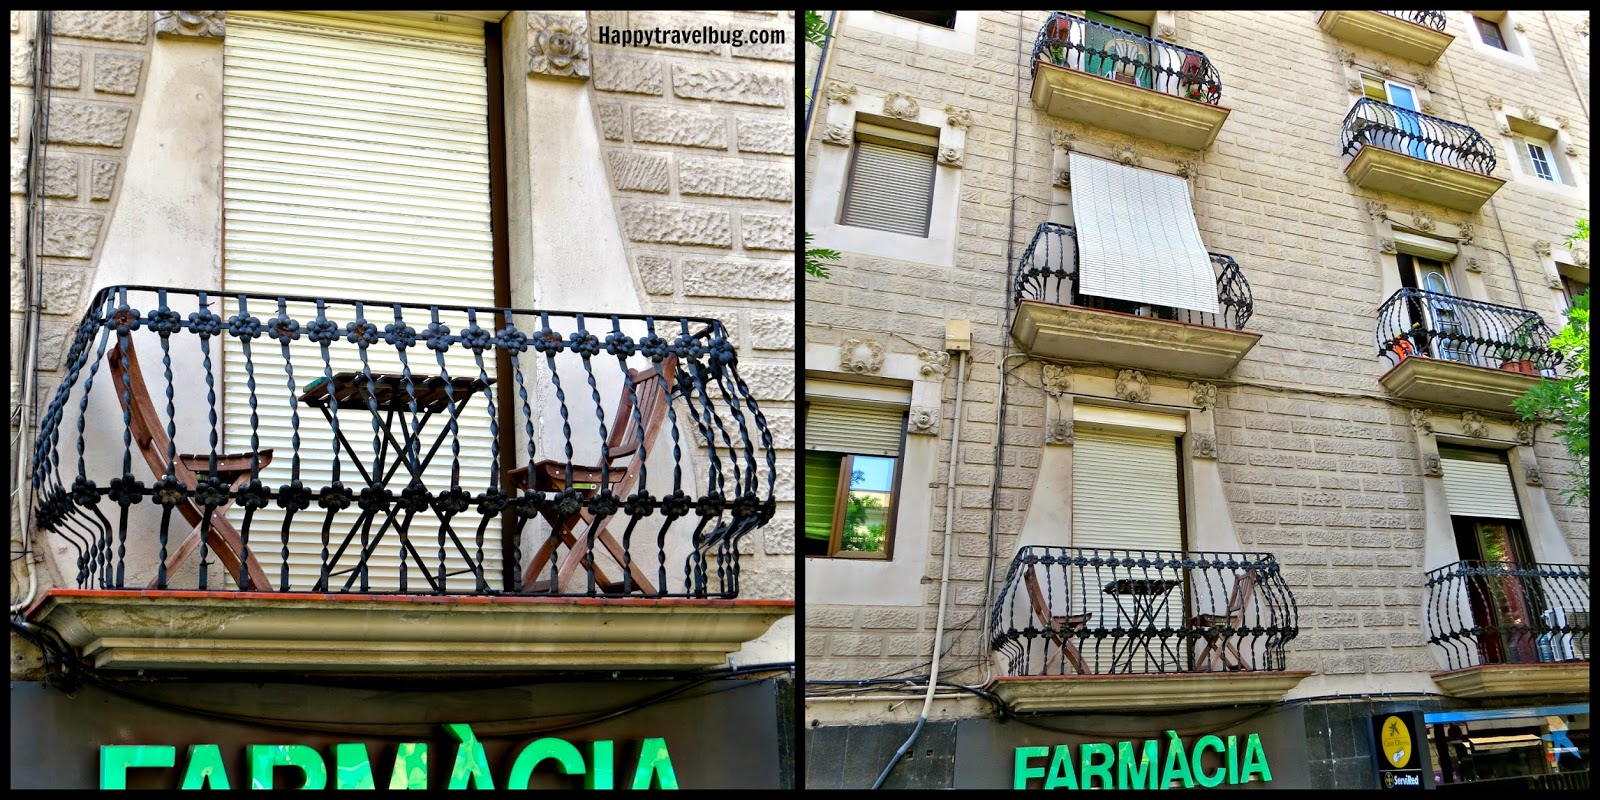 Barcelona, Spain balcony